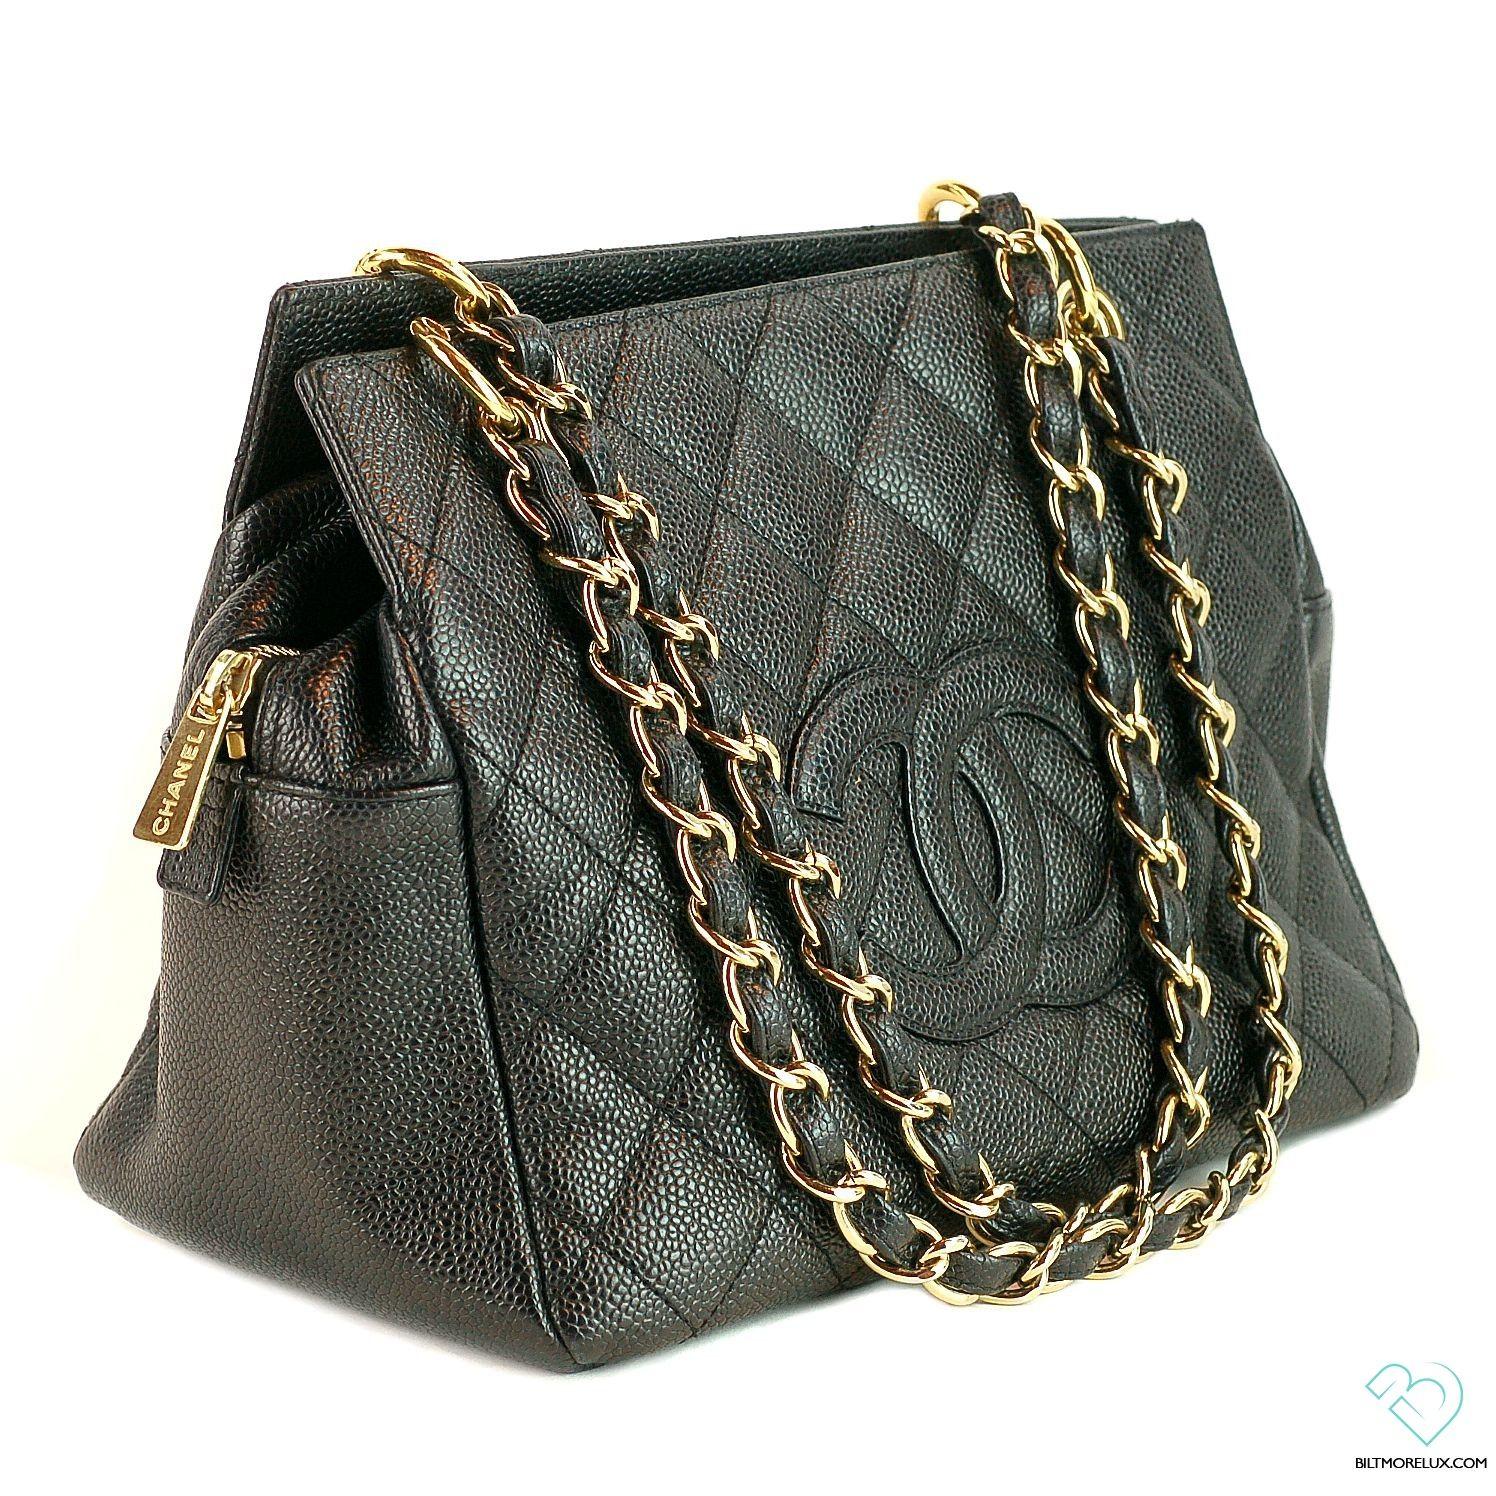 5e0dbe656cb Chanel Black Caviar Petite Timeless Shopper Tote | Biltmore Lux ...